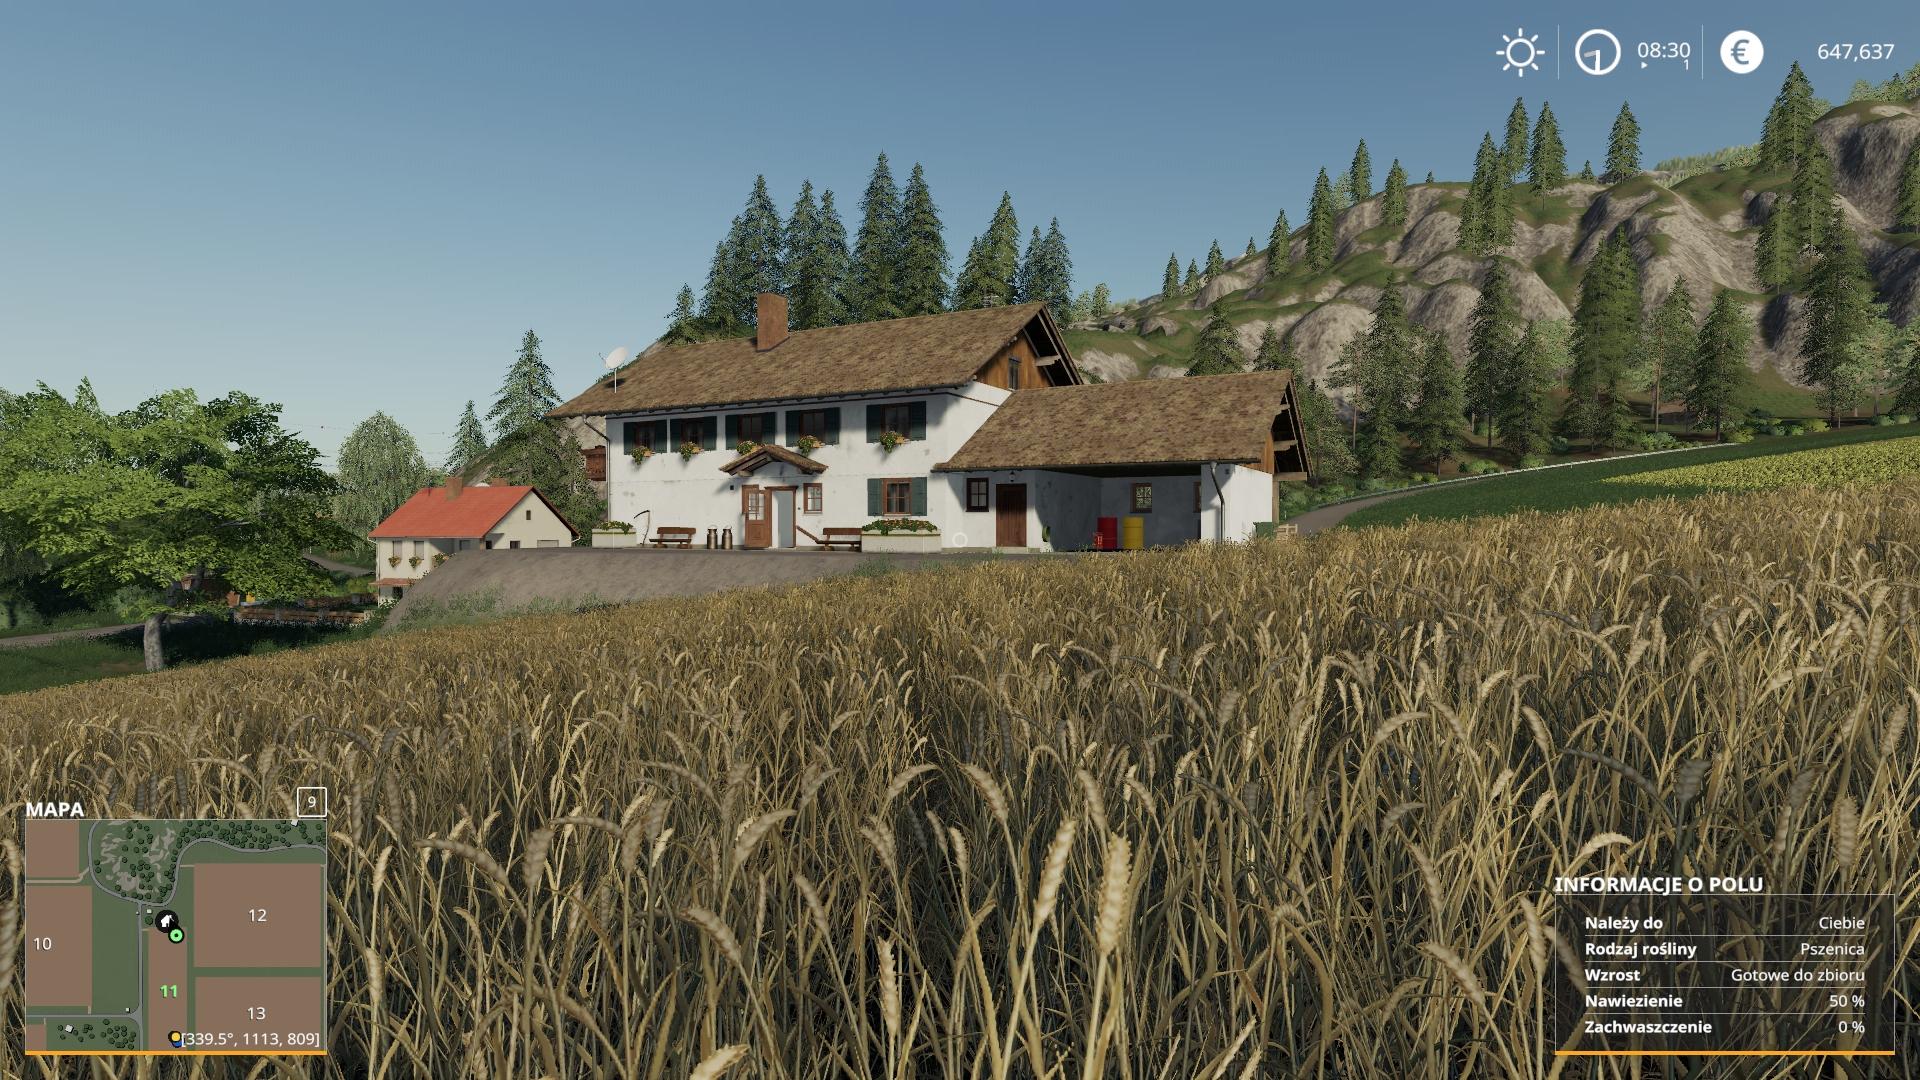 Naostrzcie pługi - Farming Simulator 19 będzie dostępny za darmo! 20